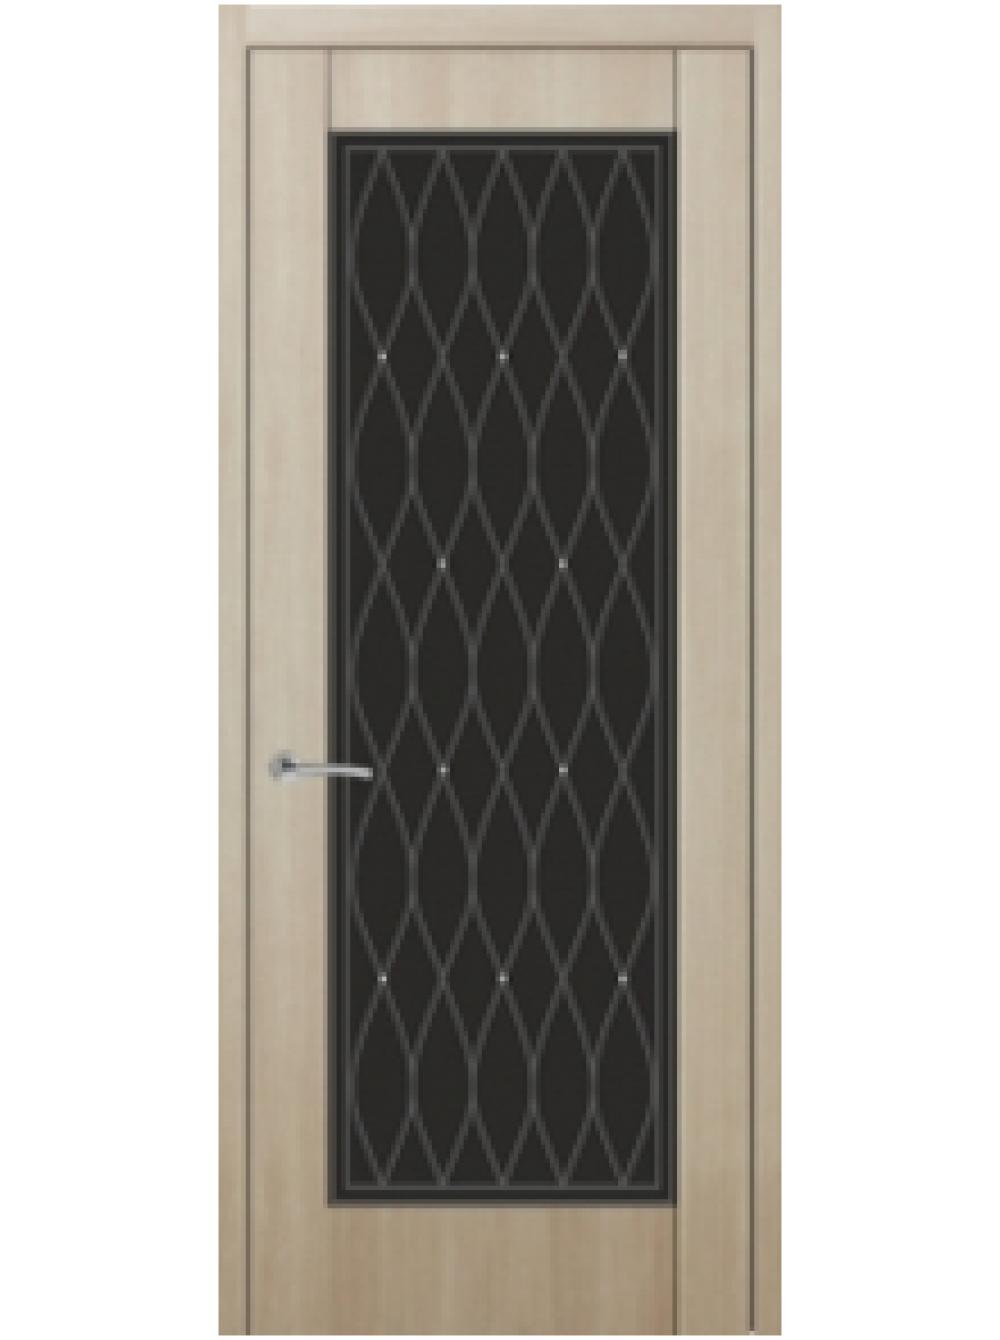 Межкомнатная дверь Италия 7(Остекленное полотно)